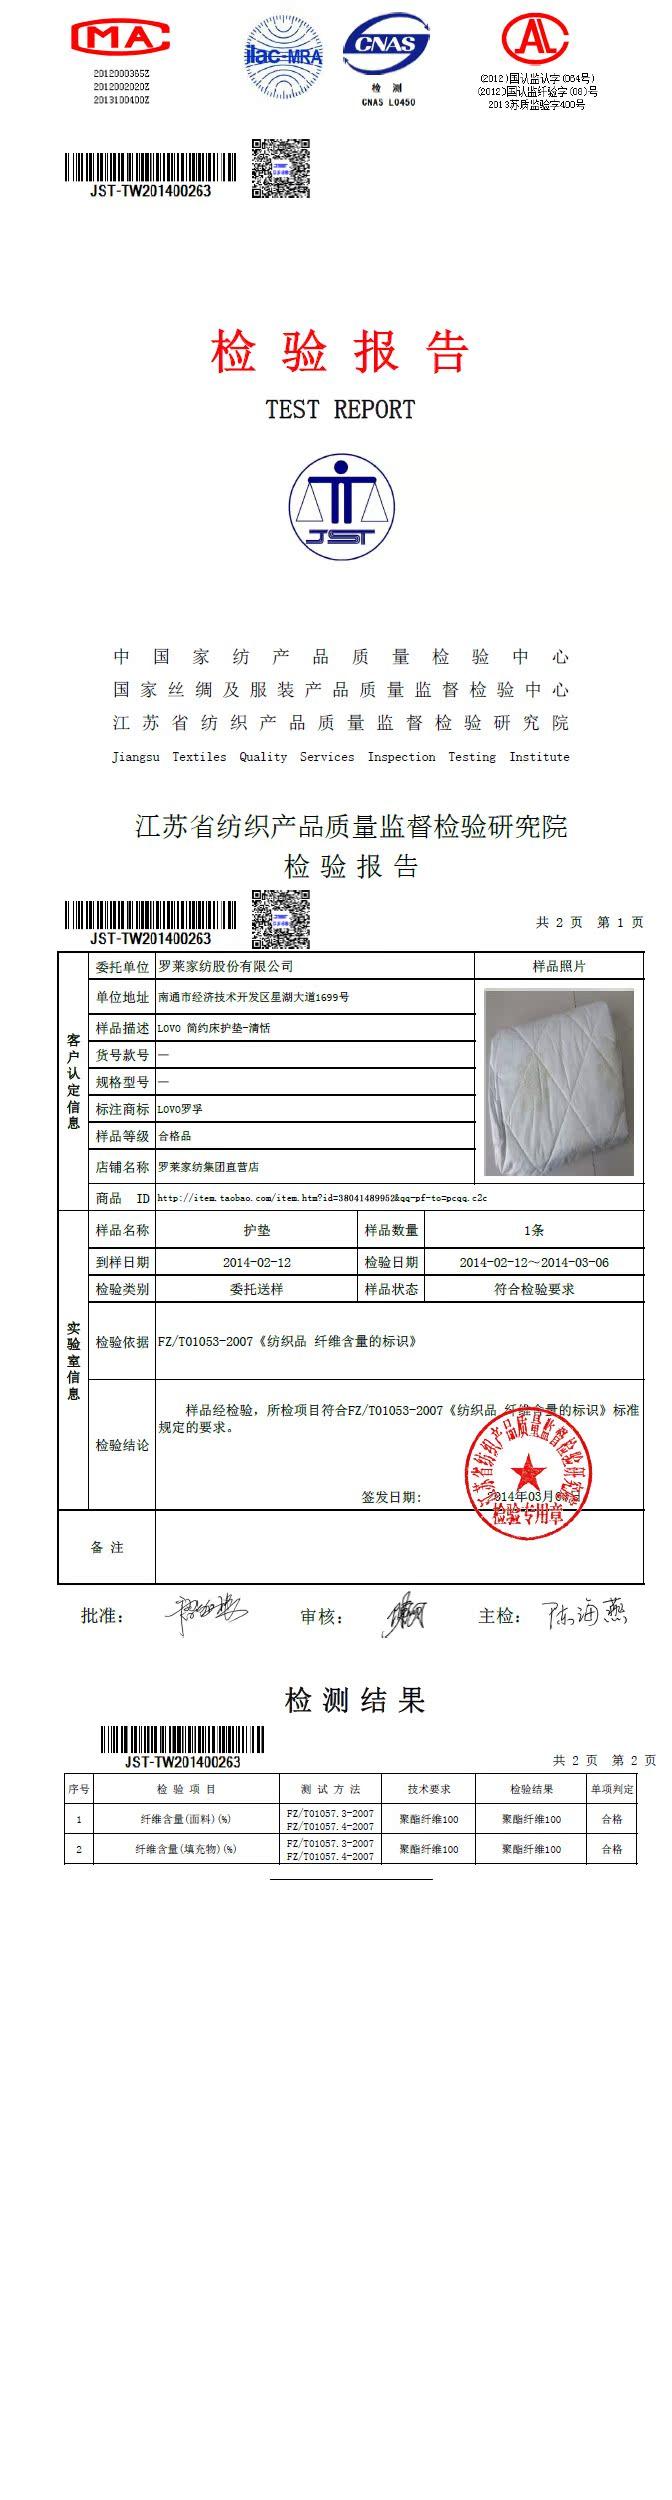 4-简约床护垫